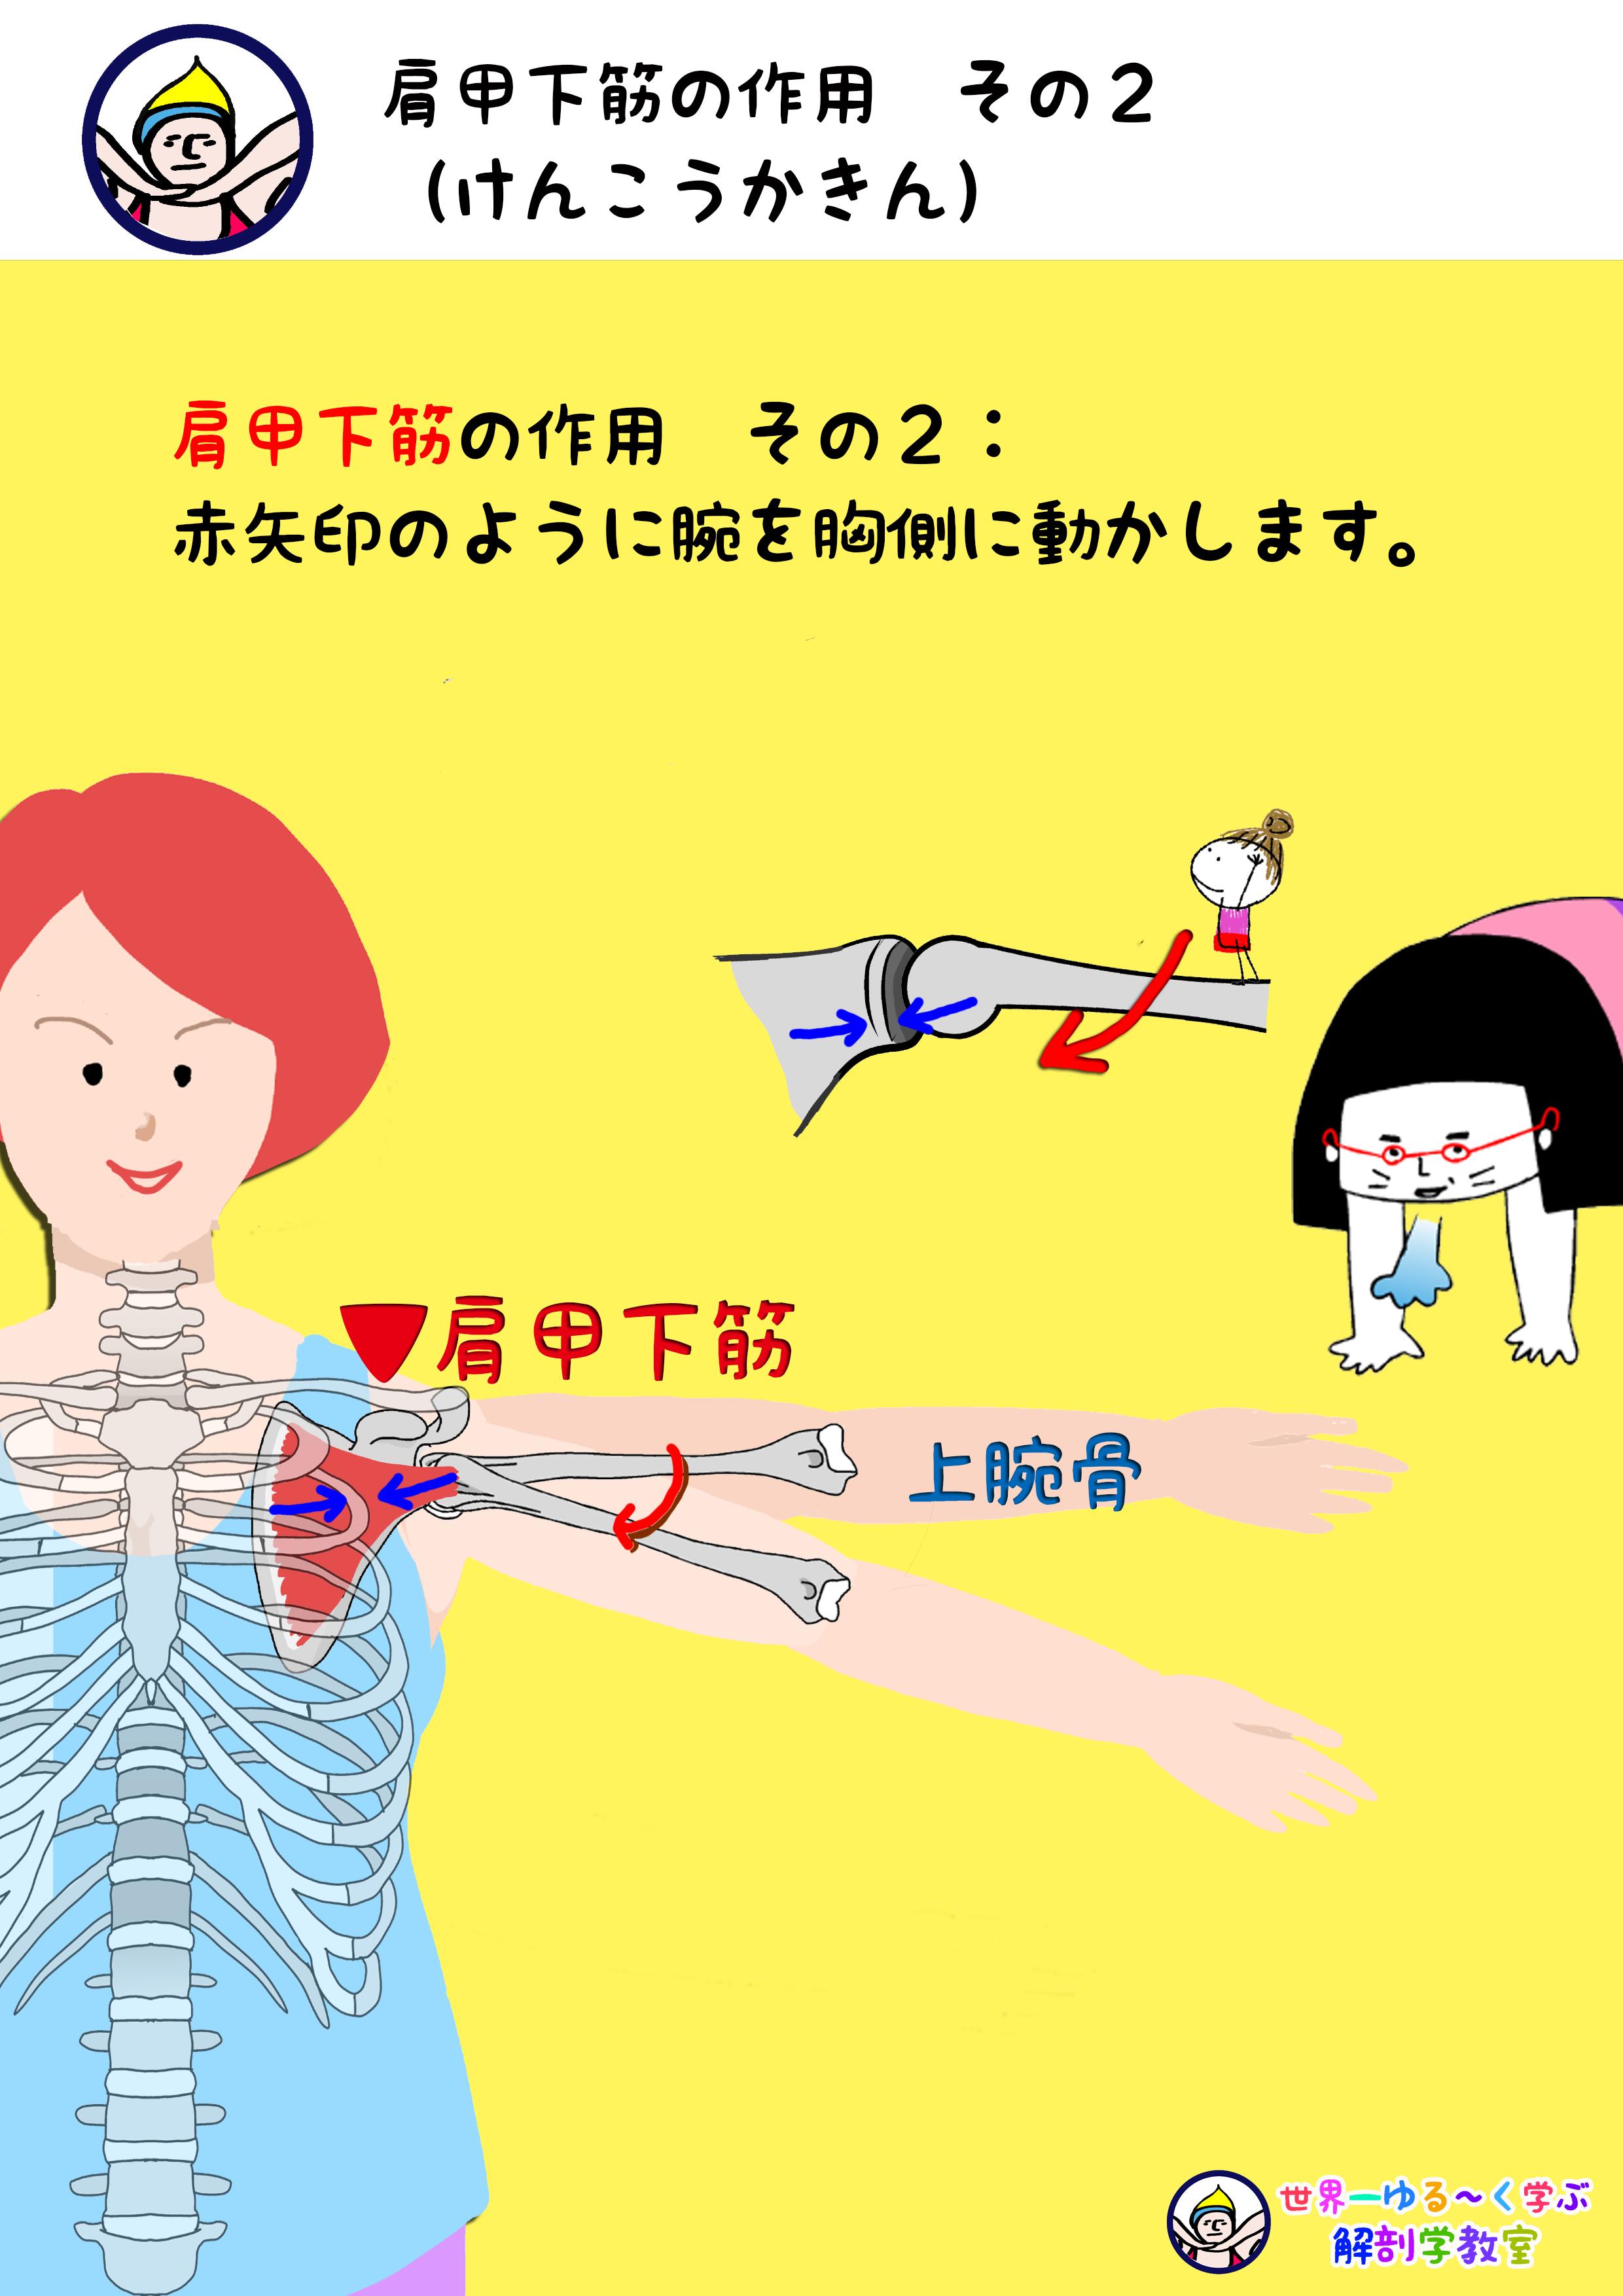 肩甲下筋の作用 水平内転